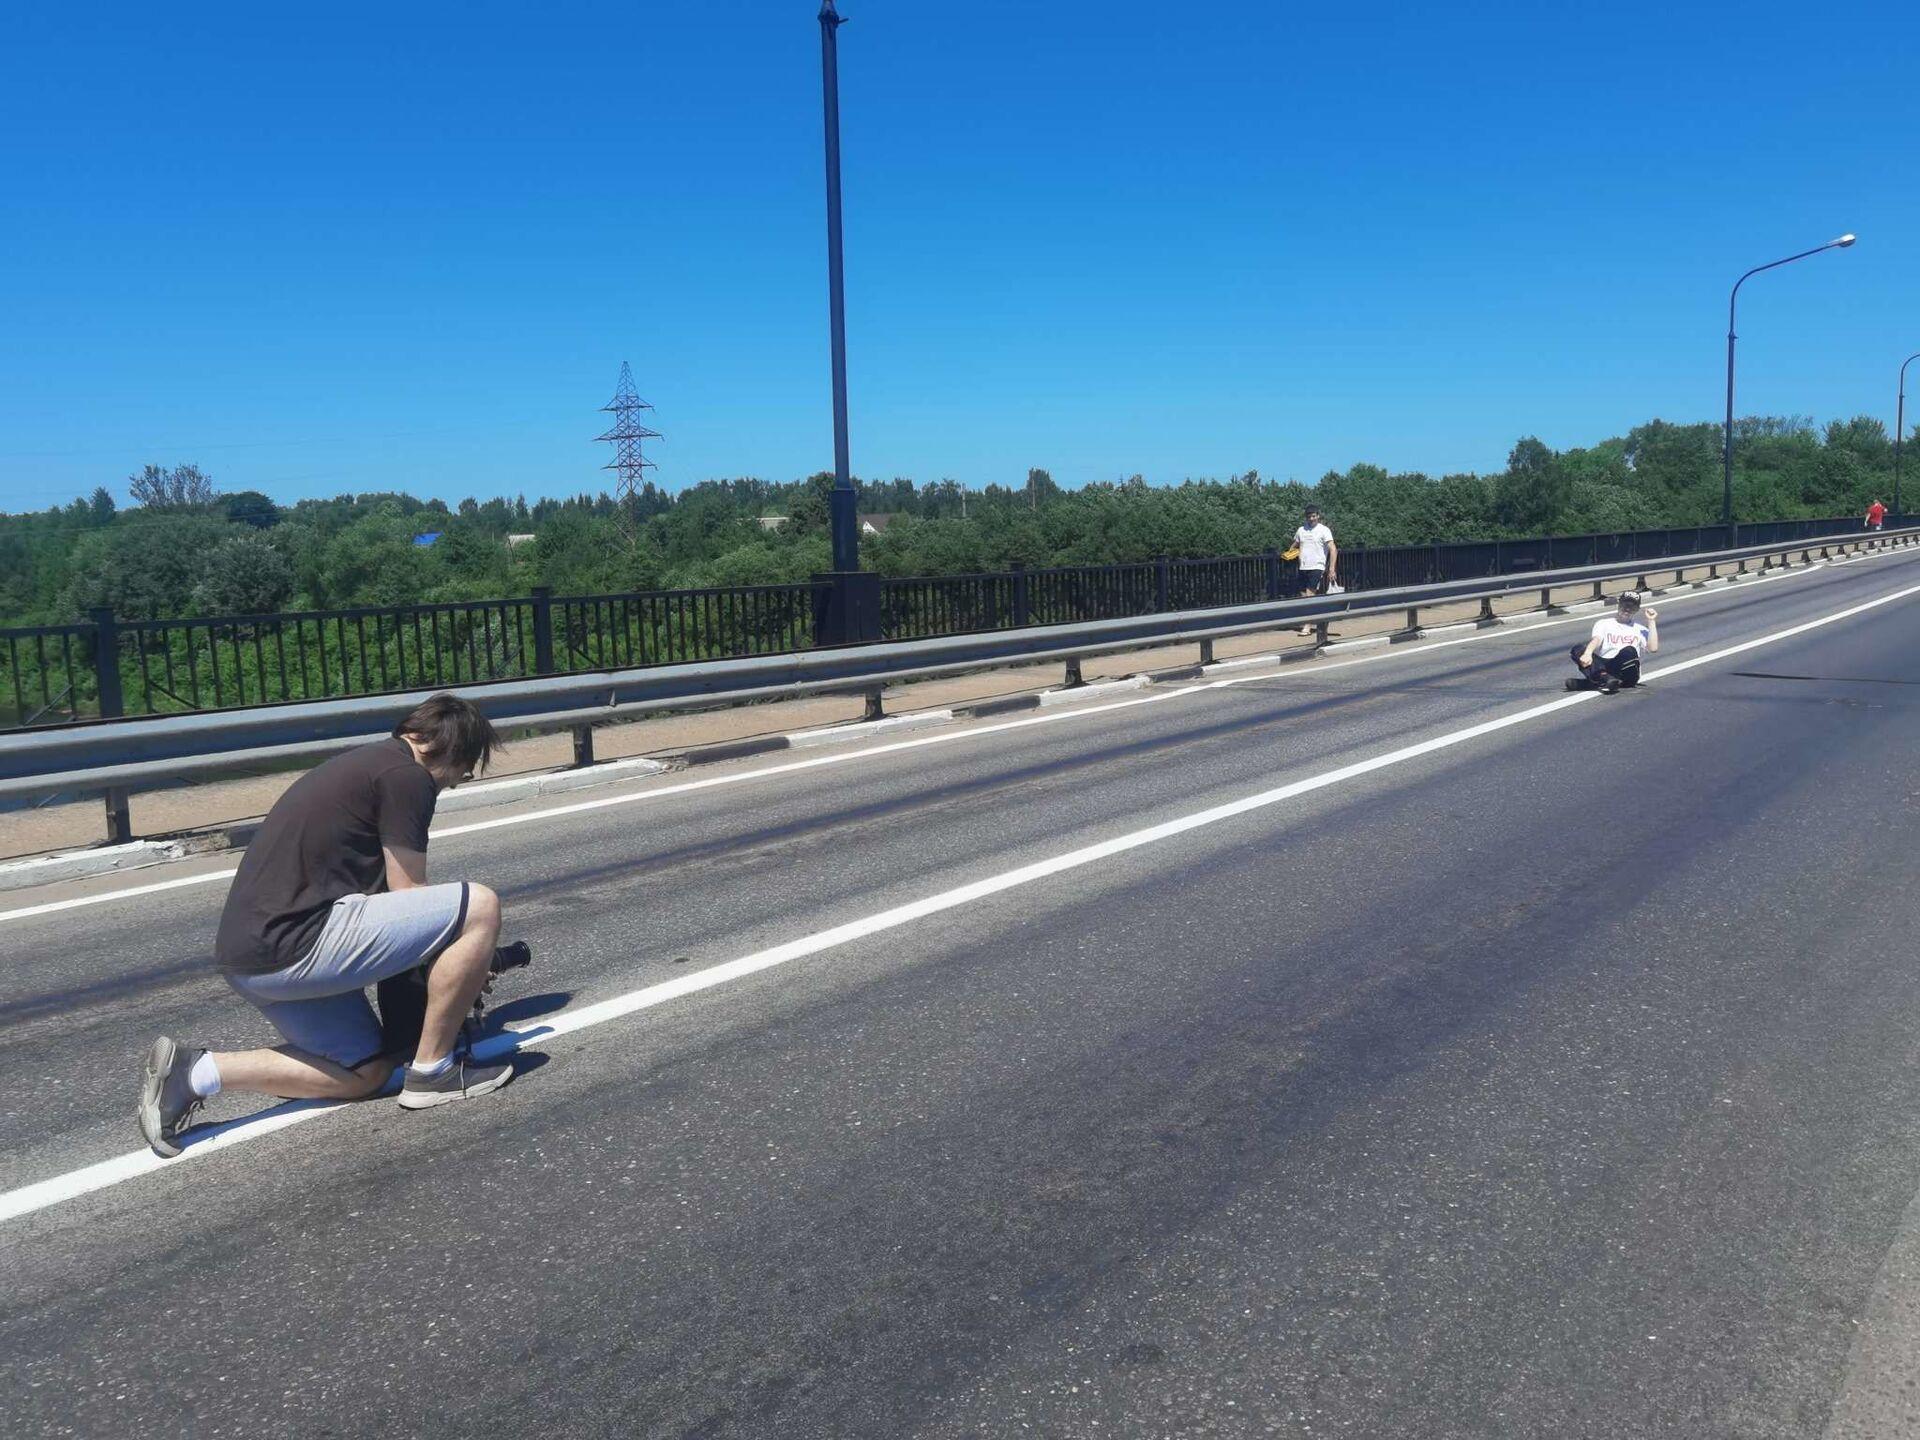 Пока мост закрыт для автомобилей, некоторые горожане используют его как фотозону - Sputnik Беларусь, 1920, 29.06.2021